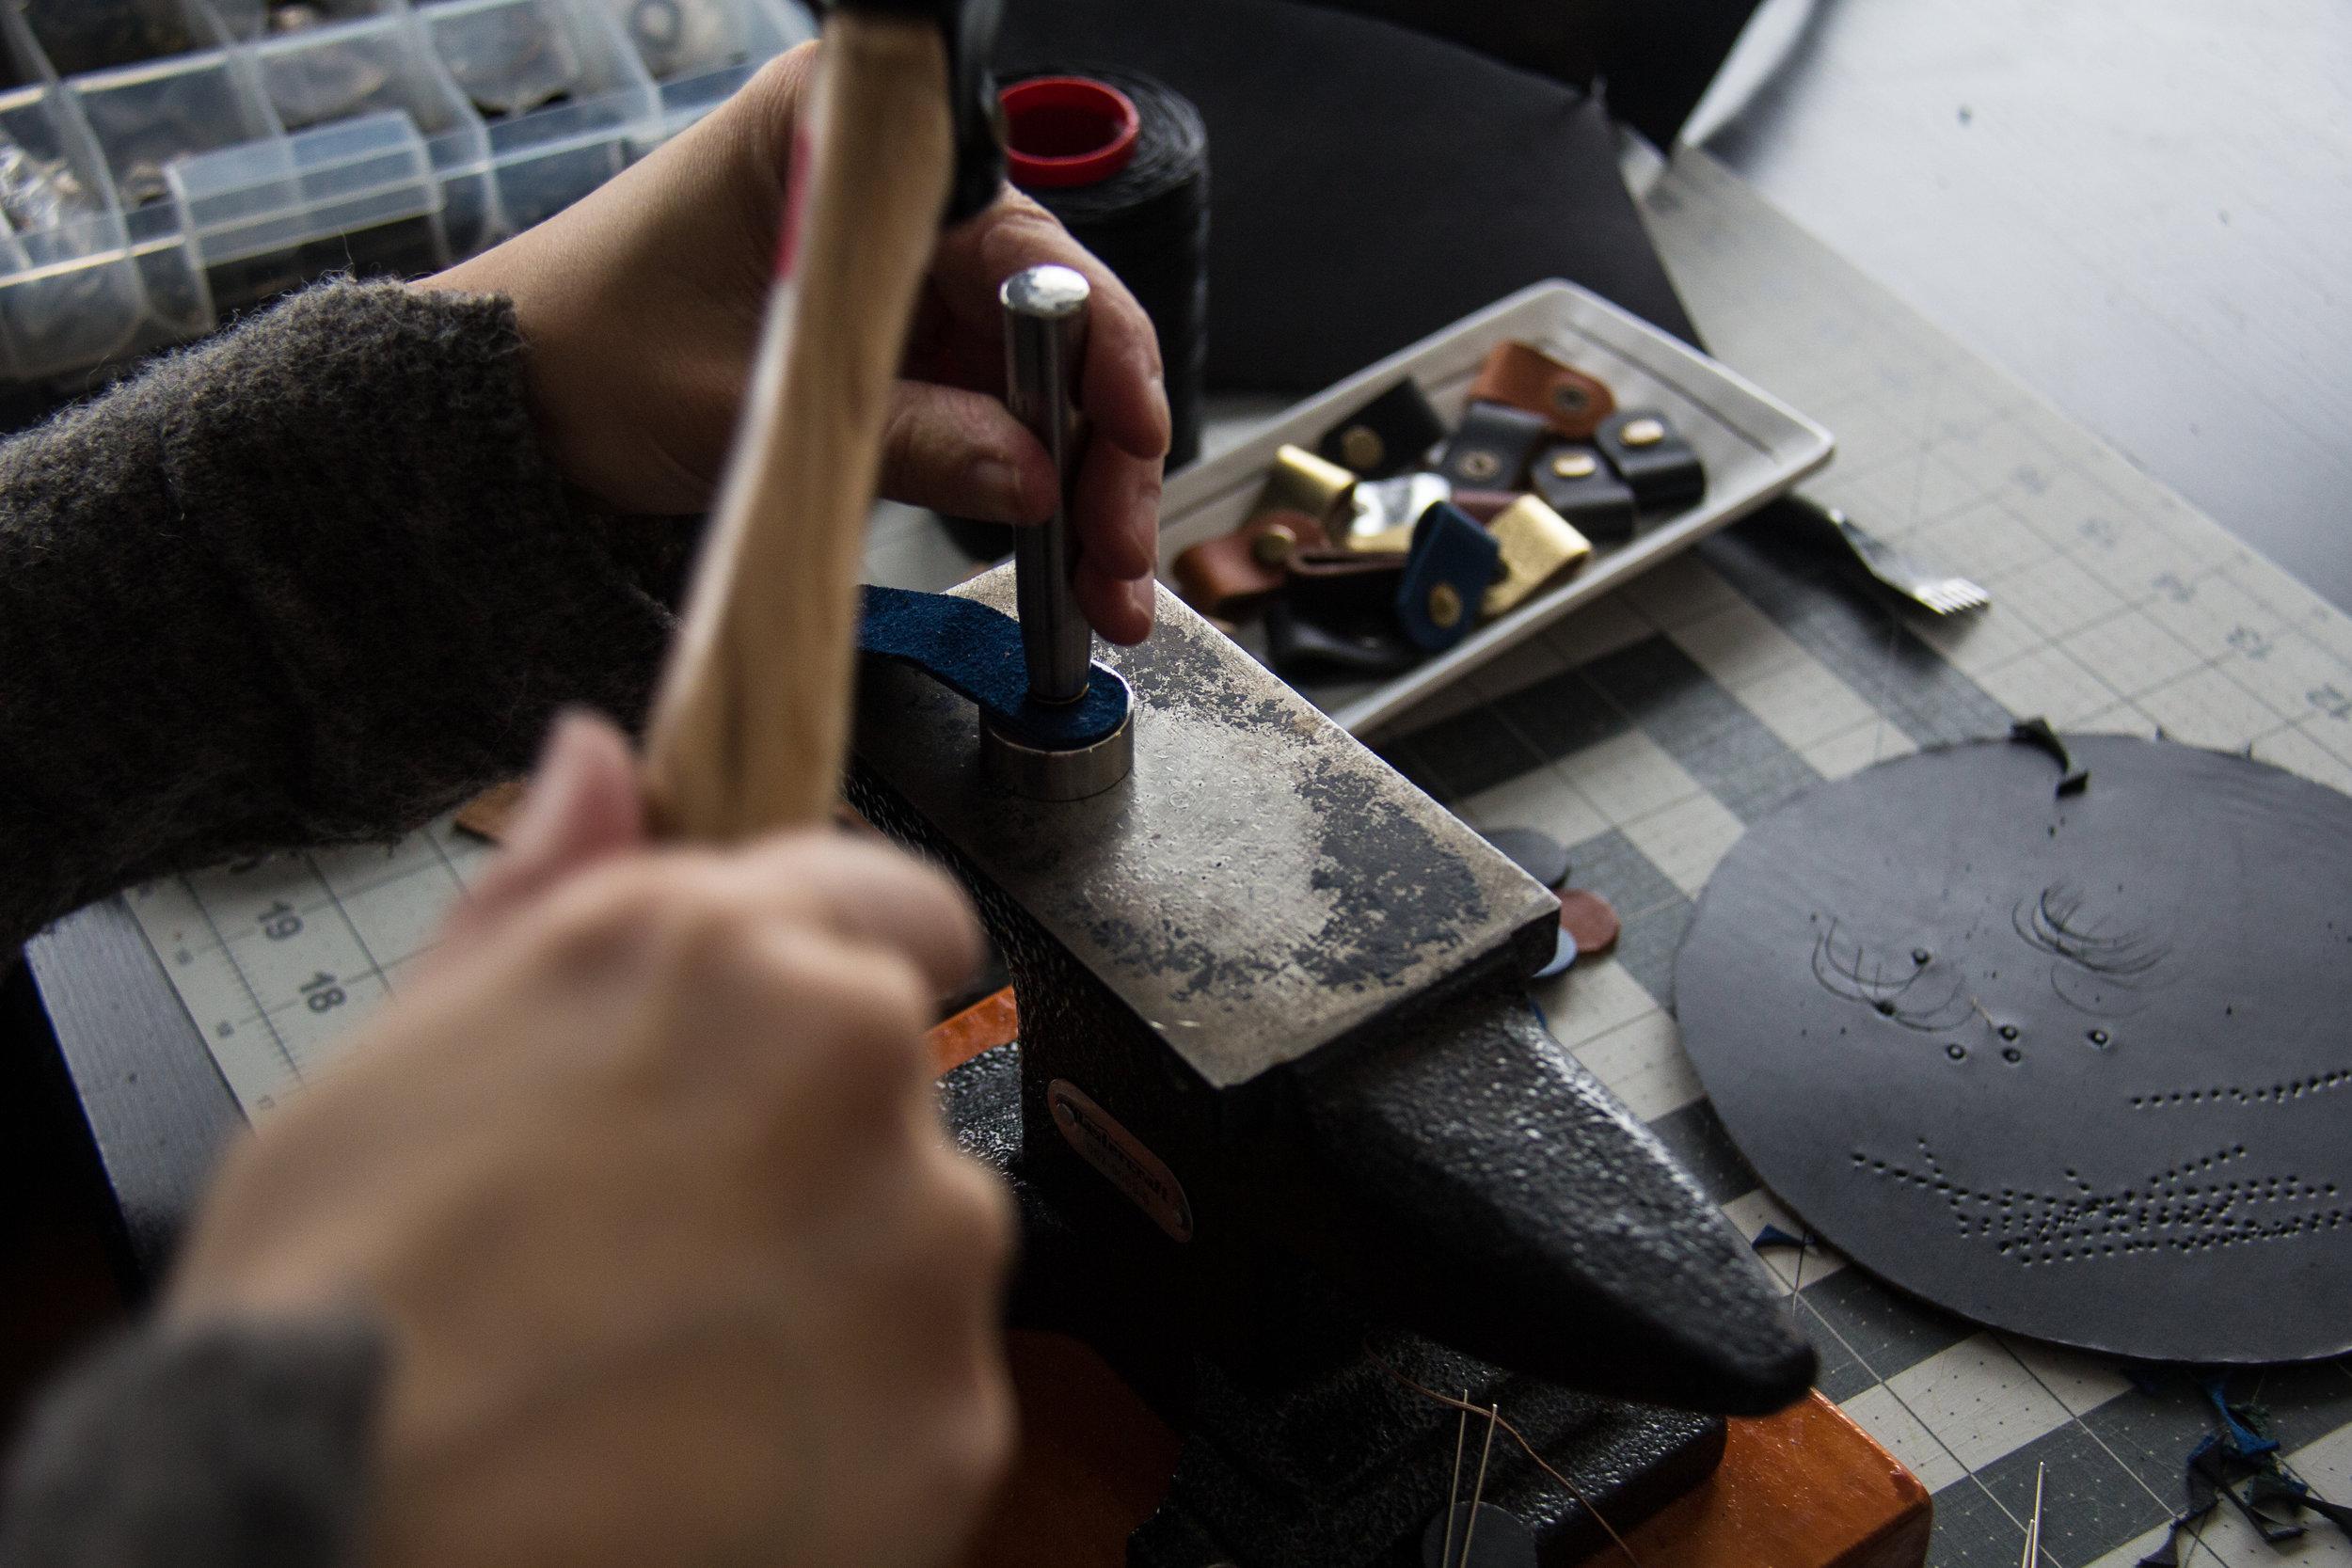 mecoh documentary photographer branding session